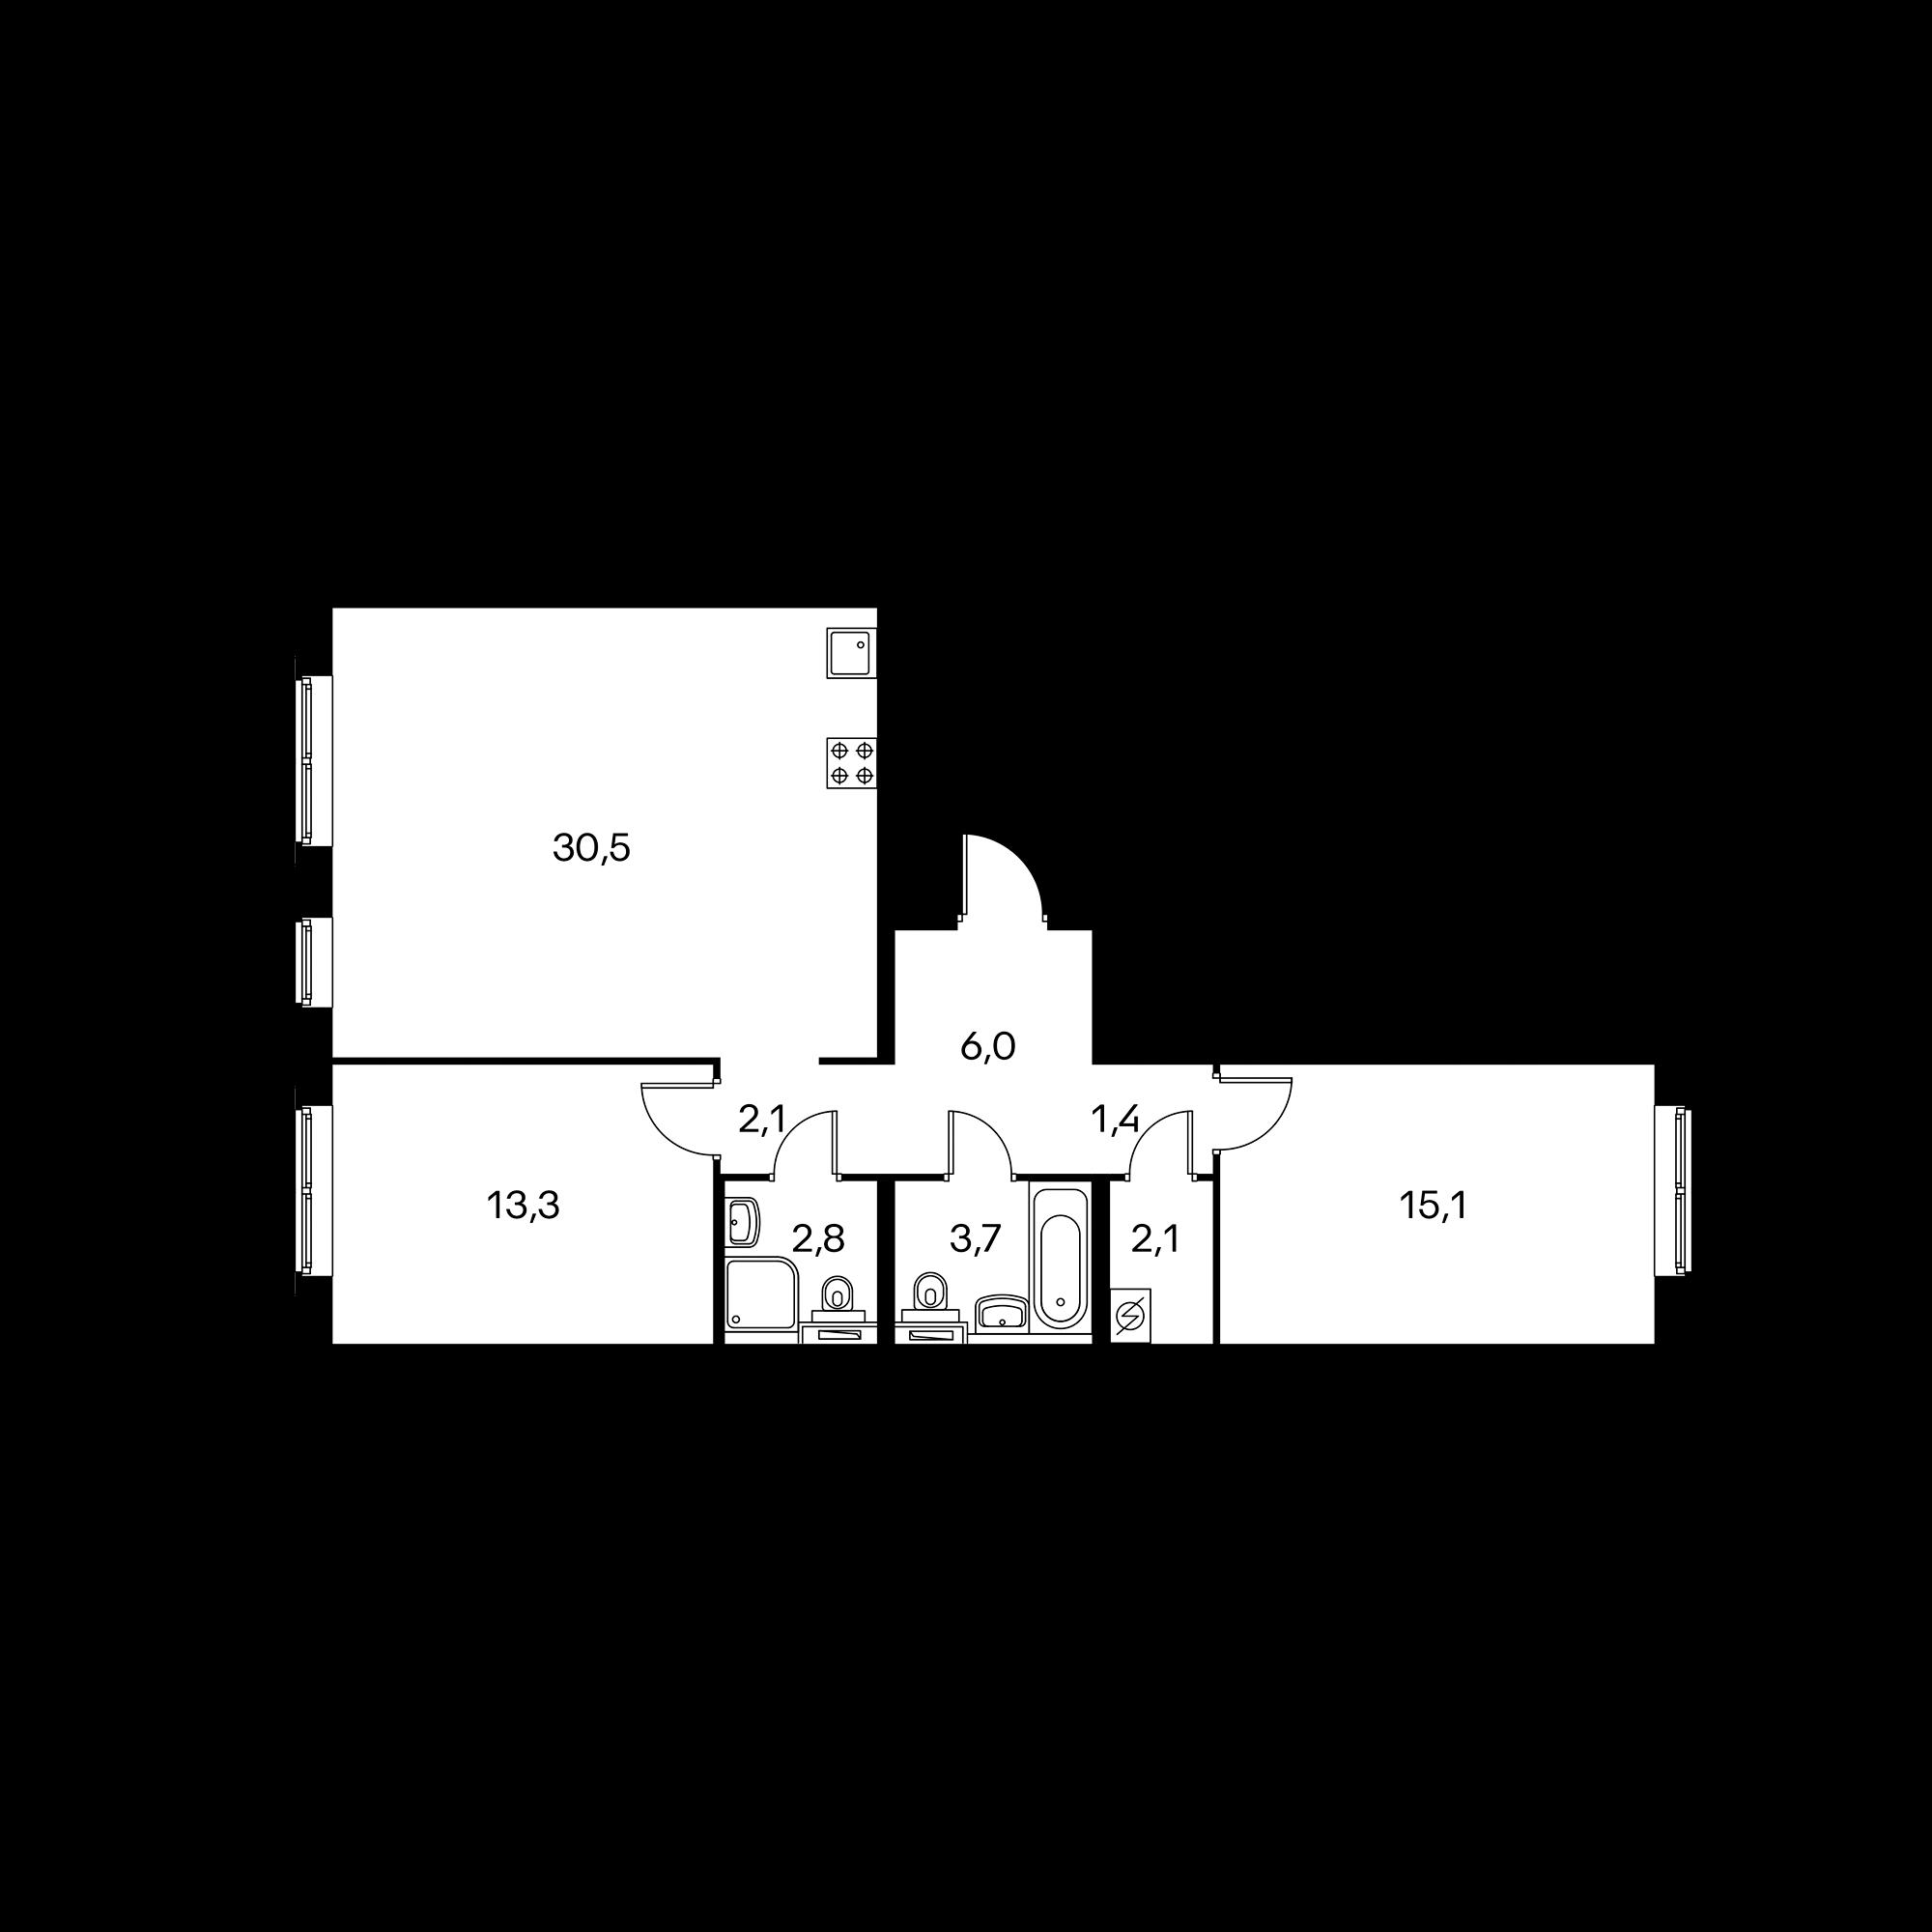 3NM12_8.4-1_S_A_1